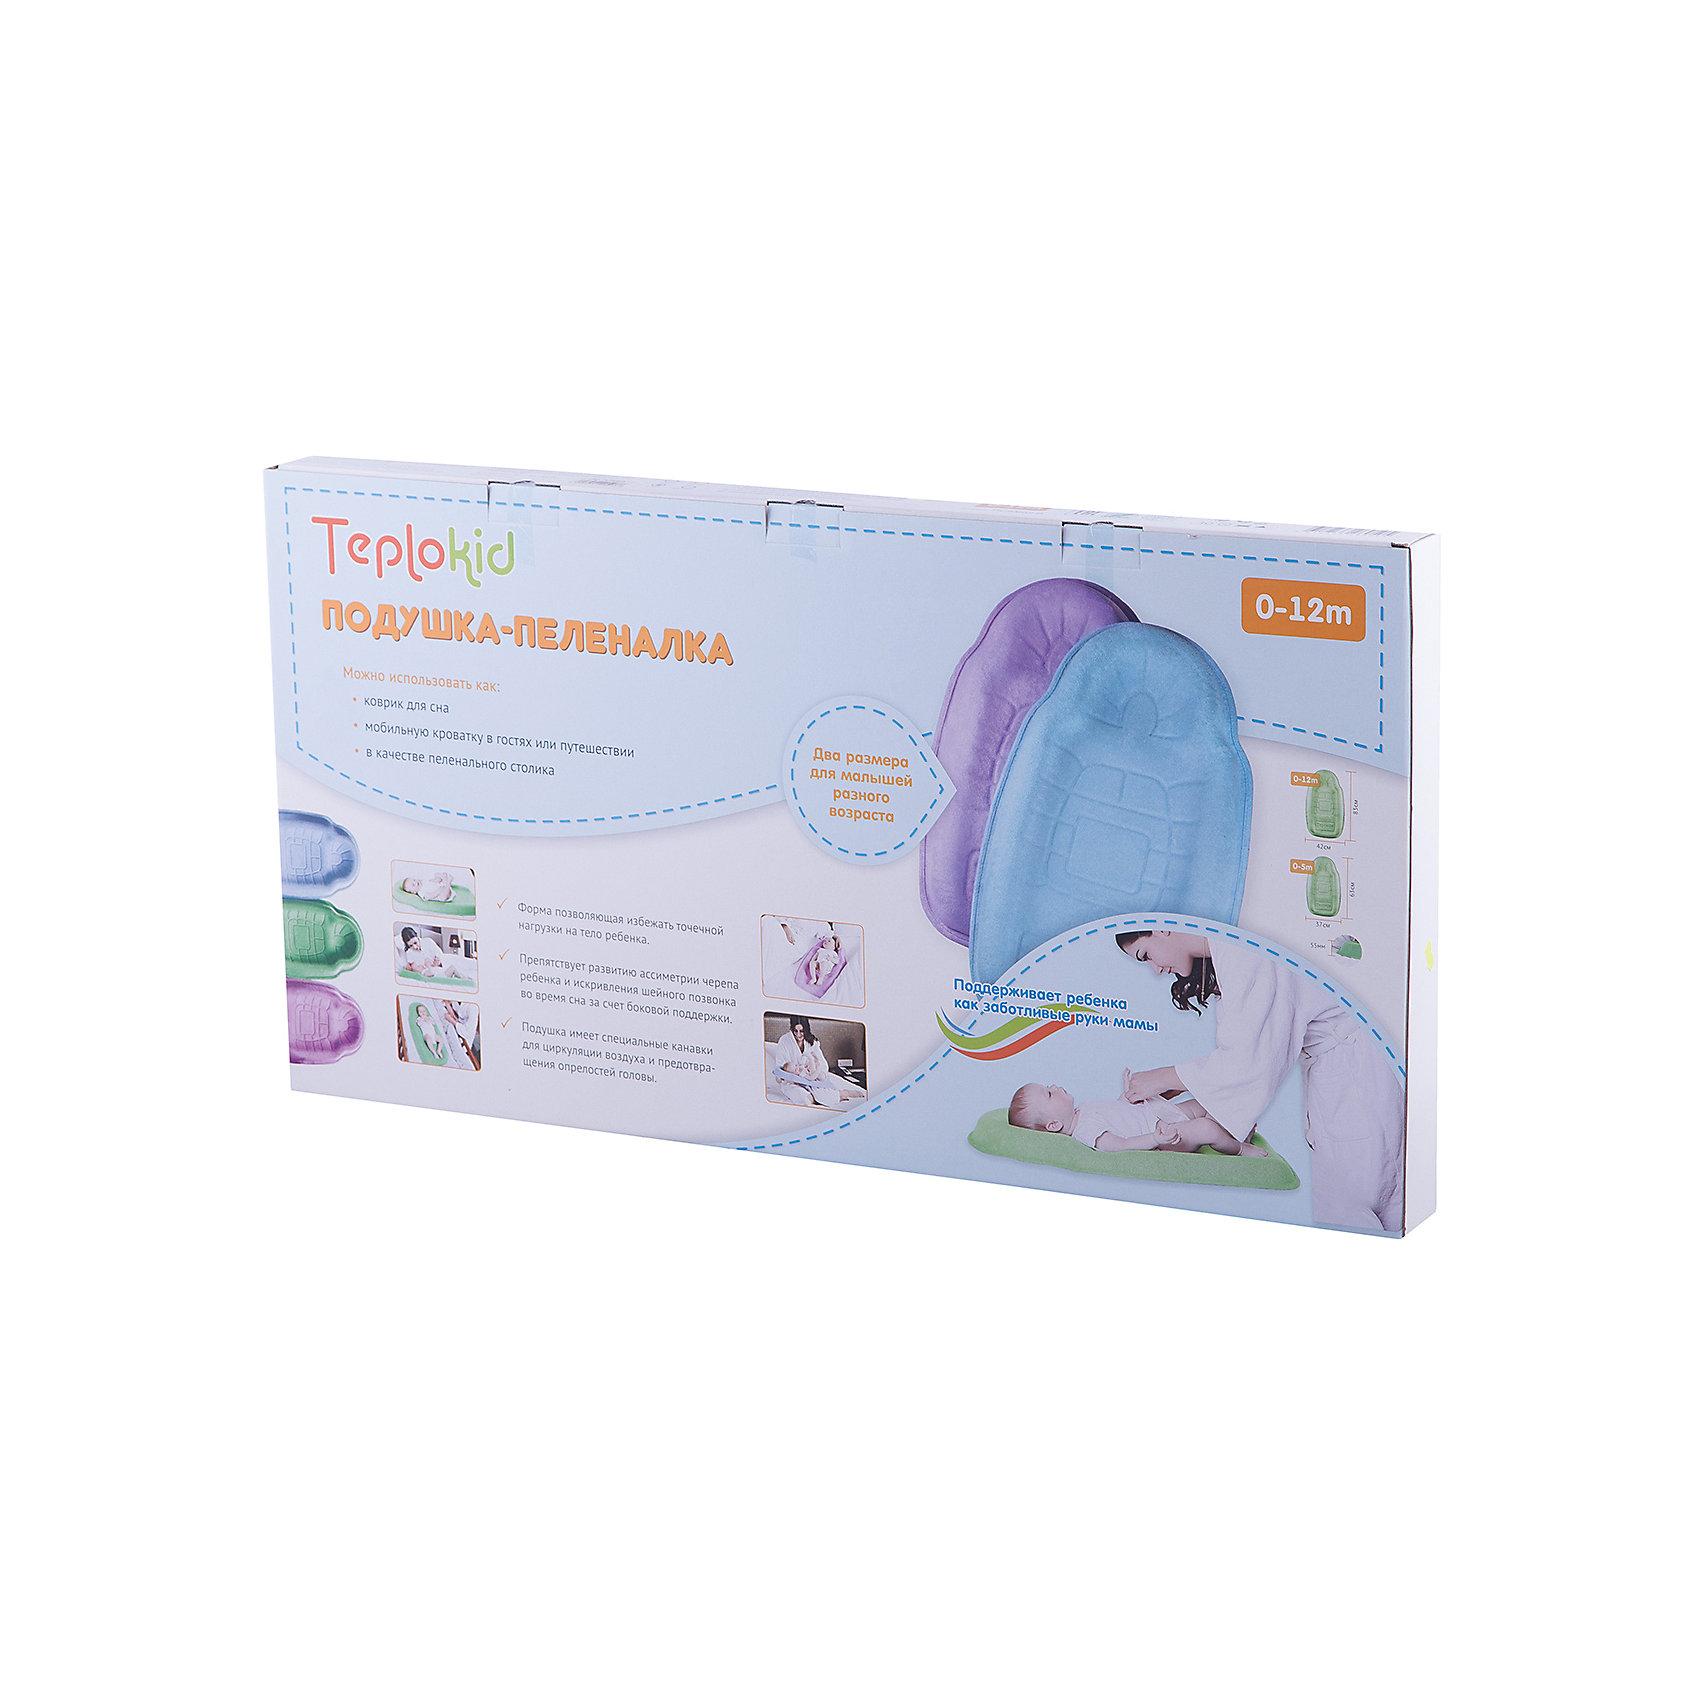 Матрасик для пеленания 42см х 83см, Teplokid, зеленыйМатрасик для пеленания – устройство для обеспечения комфортных условий малышу в горизонтальном положении в кроватке и на любой другой поверхности. При разработке матрасика участвовали ортопеды - профессионалы. Устройство будет полезно для формирования позвоночника, правильной осанки и удобного расположения ребенка при его кормлении. Матрасик имеет широкий цветовой ассортимент. Все материалы, использованные при разработке и изготовлении матрасика безопасны для использования, отвечают всем требованиям экологичности и качества детских товаров, а так же гипоаллергенны.<br><br>Дополнительная информация:<br><br>цвет: зеленый;<br>размер: 42см х 83см.<br><br>Матрасик для пеленания Teplokid можно приобрести в нашем магазине.<br><br>Ширина мм: 850<br>Глубина мм: 60<br>Высота мм: 450<br>Вес г: 380<br>Возраст от месяцев: 0<br>Возраст до месяцев: 12<br>Пол: Унисекс<br>Возраст: Детский<br>SKU: 4968133